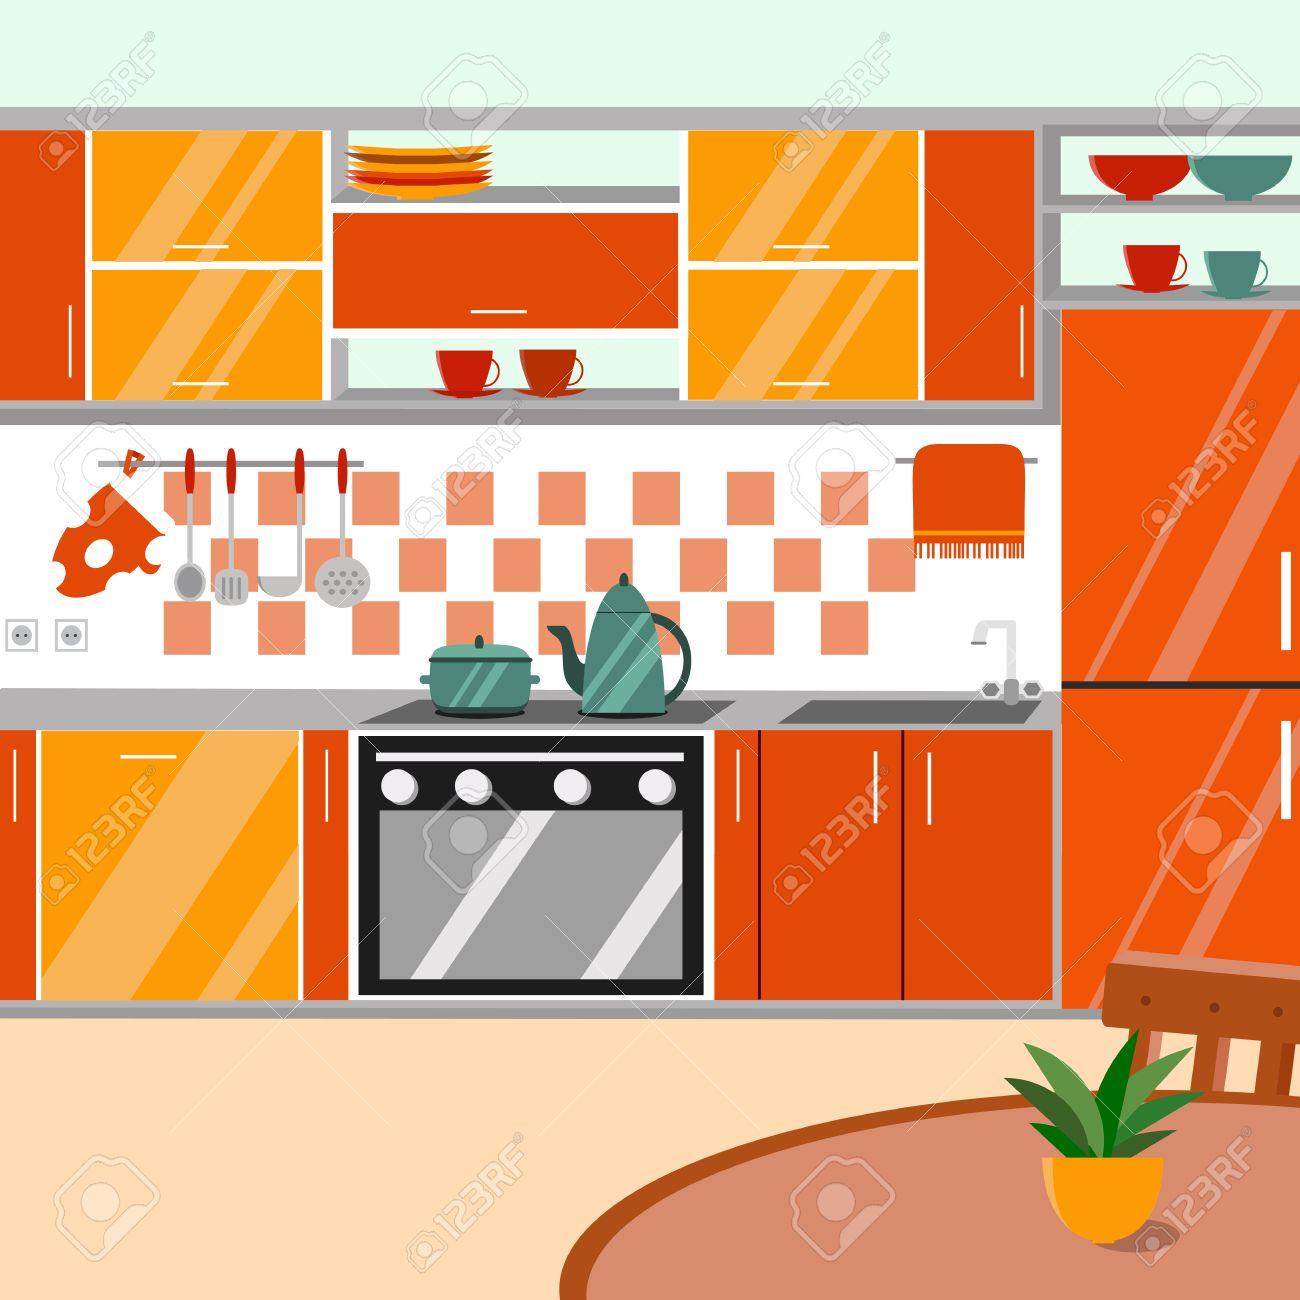 Cocina Con Muebles Y Sombras Largas. Ilustración Vectorial Estilo De ...